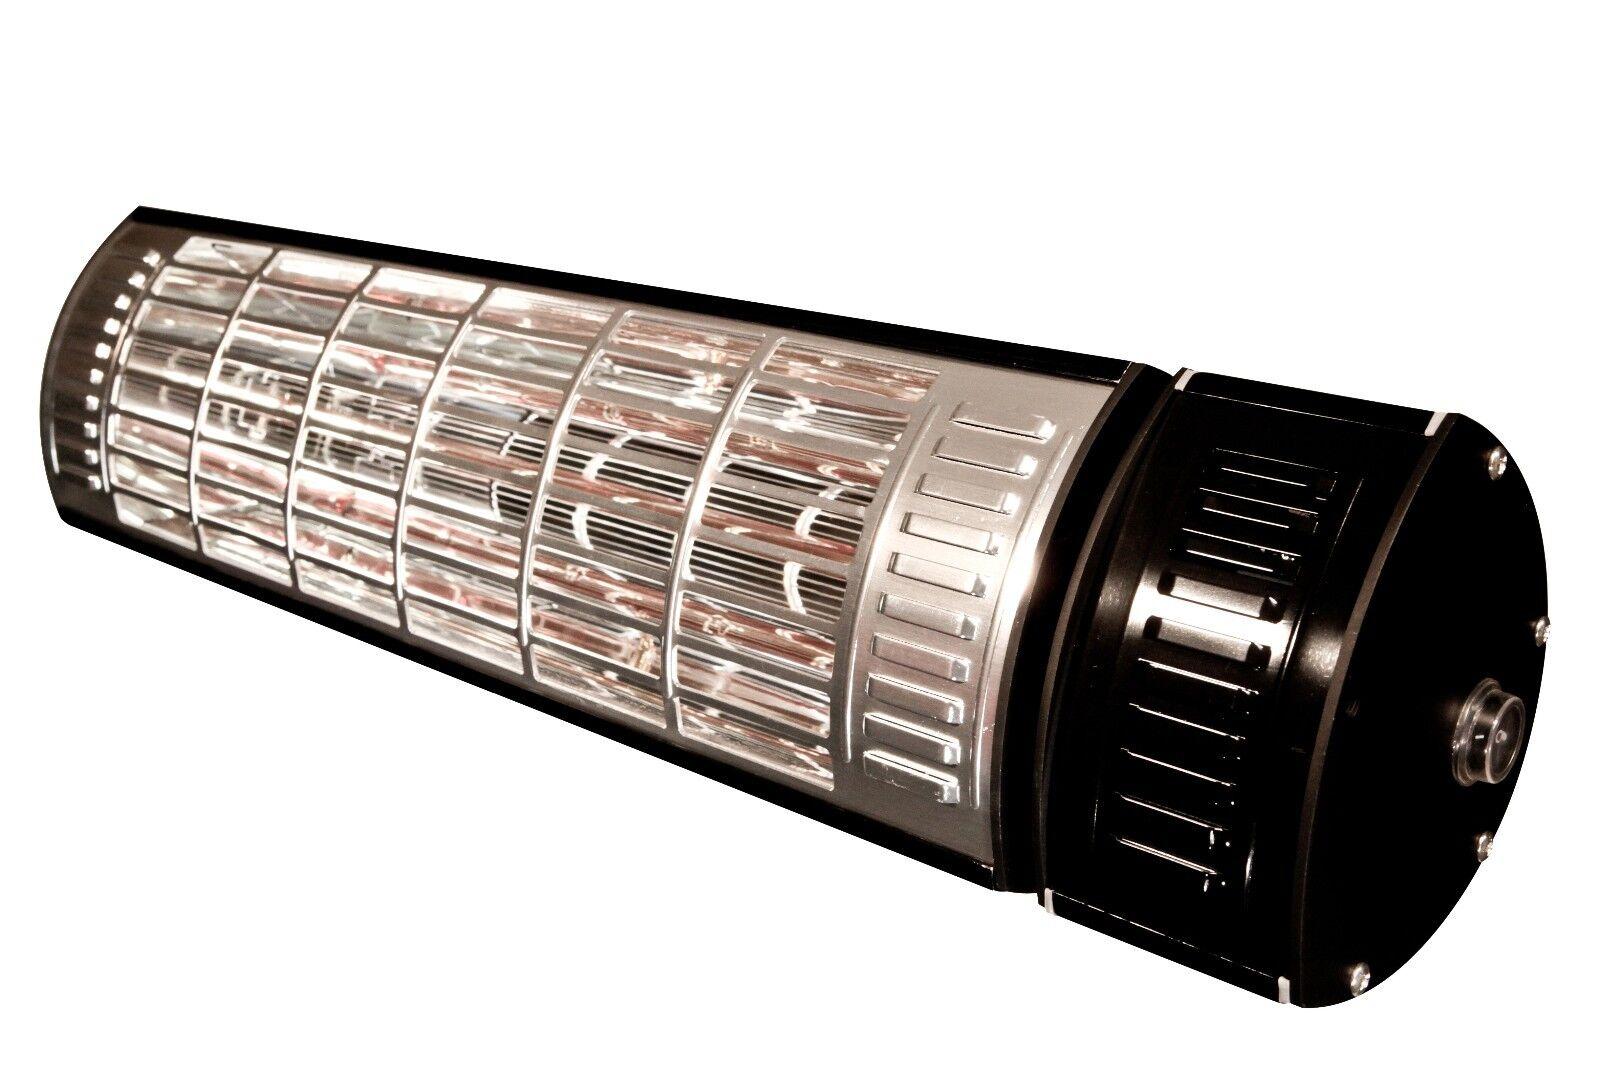 1500 Watt Infrared Wall Mount Heater Indooroutdoor Commercia